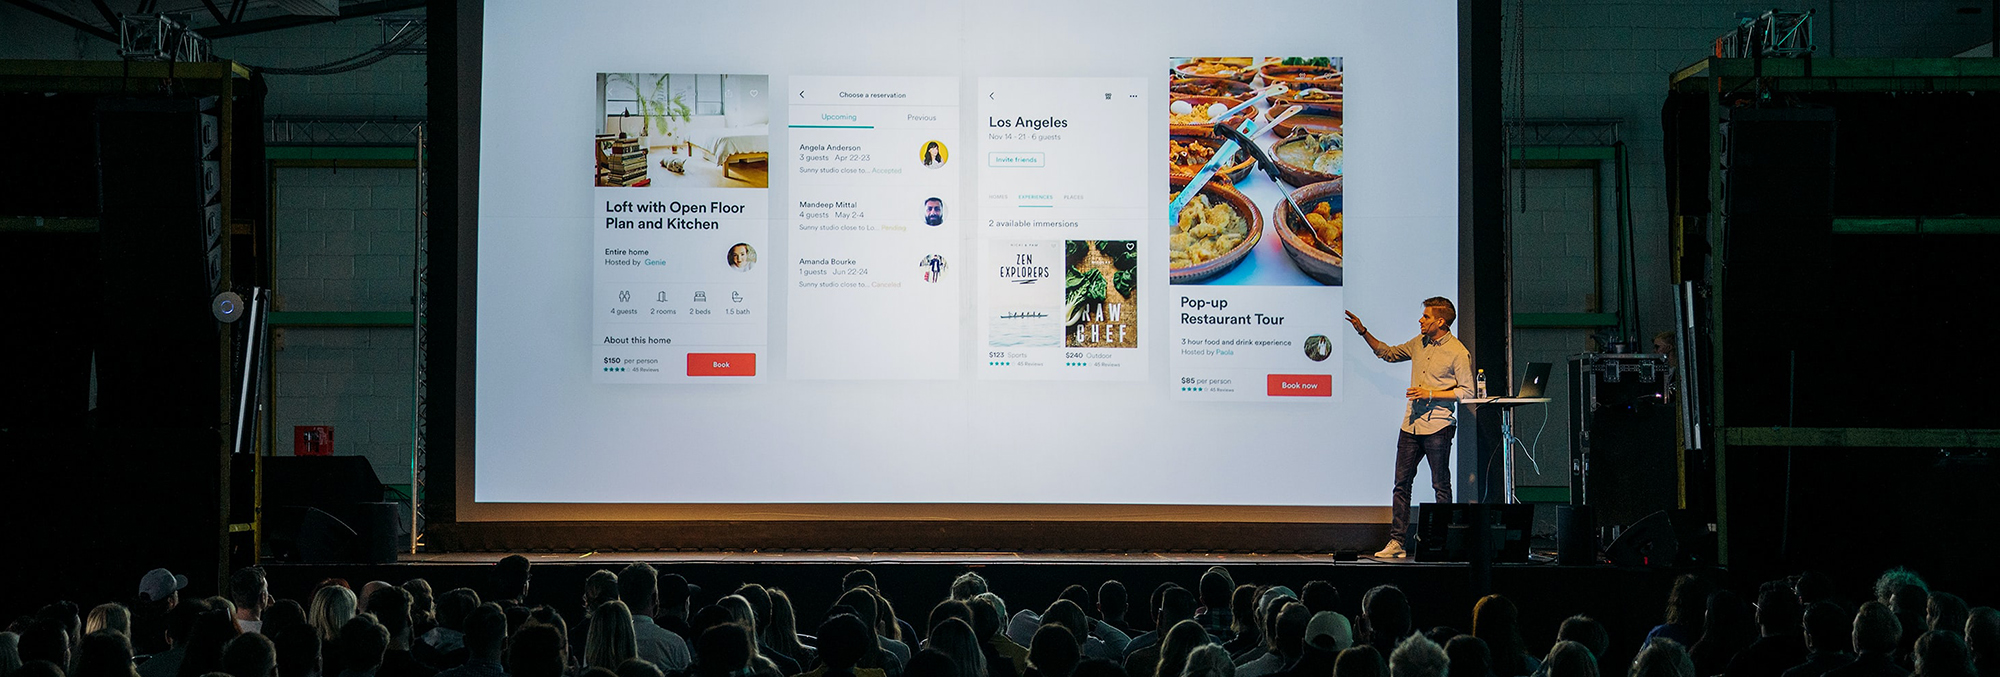 Das Corporate Design. Warum Deine Marke mehr braucht als nur ein Logo